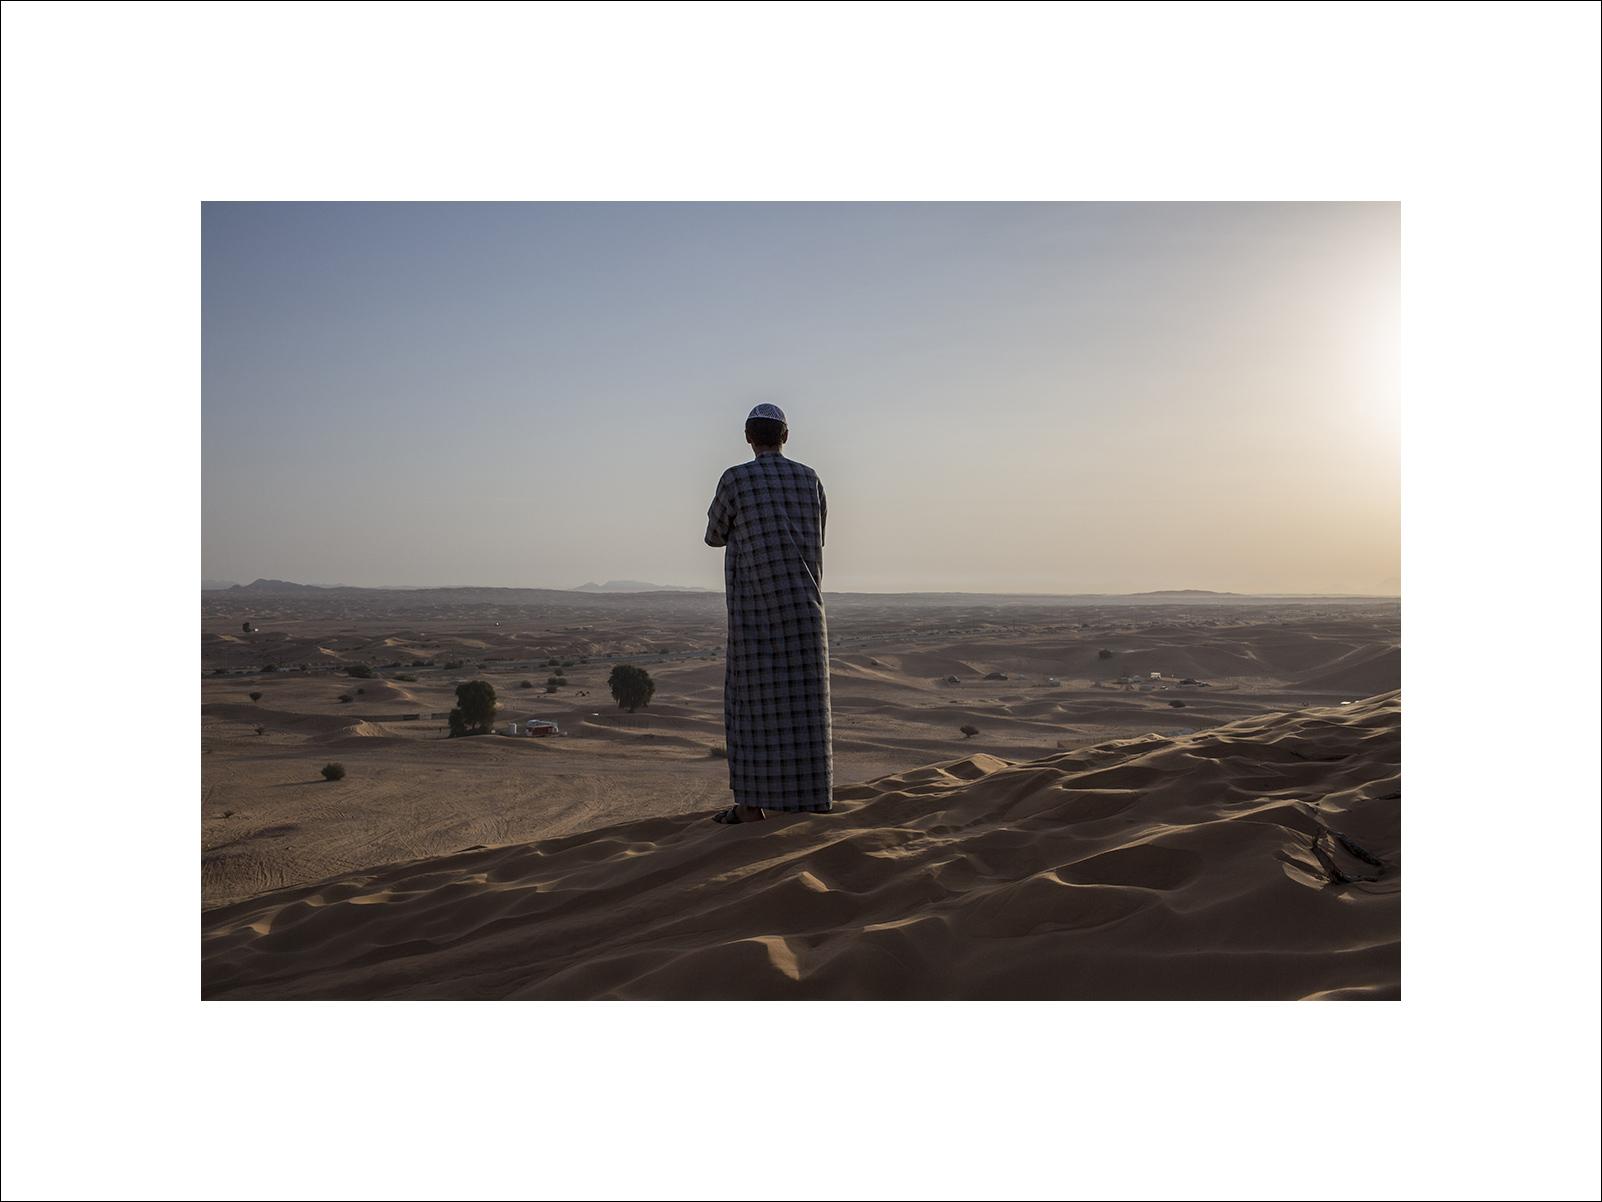 Dubai_Arnold_Day3_045